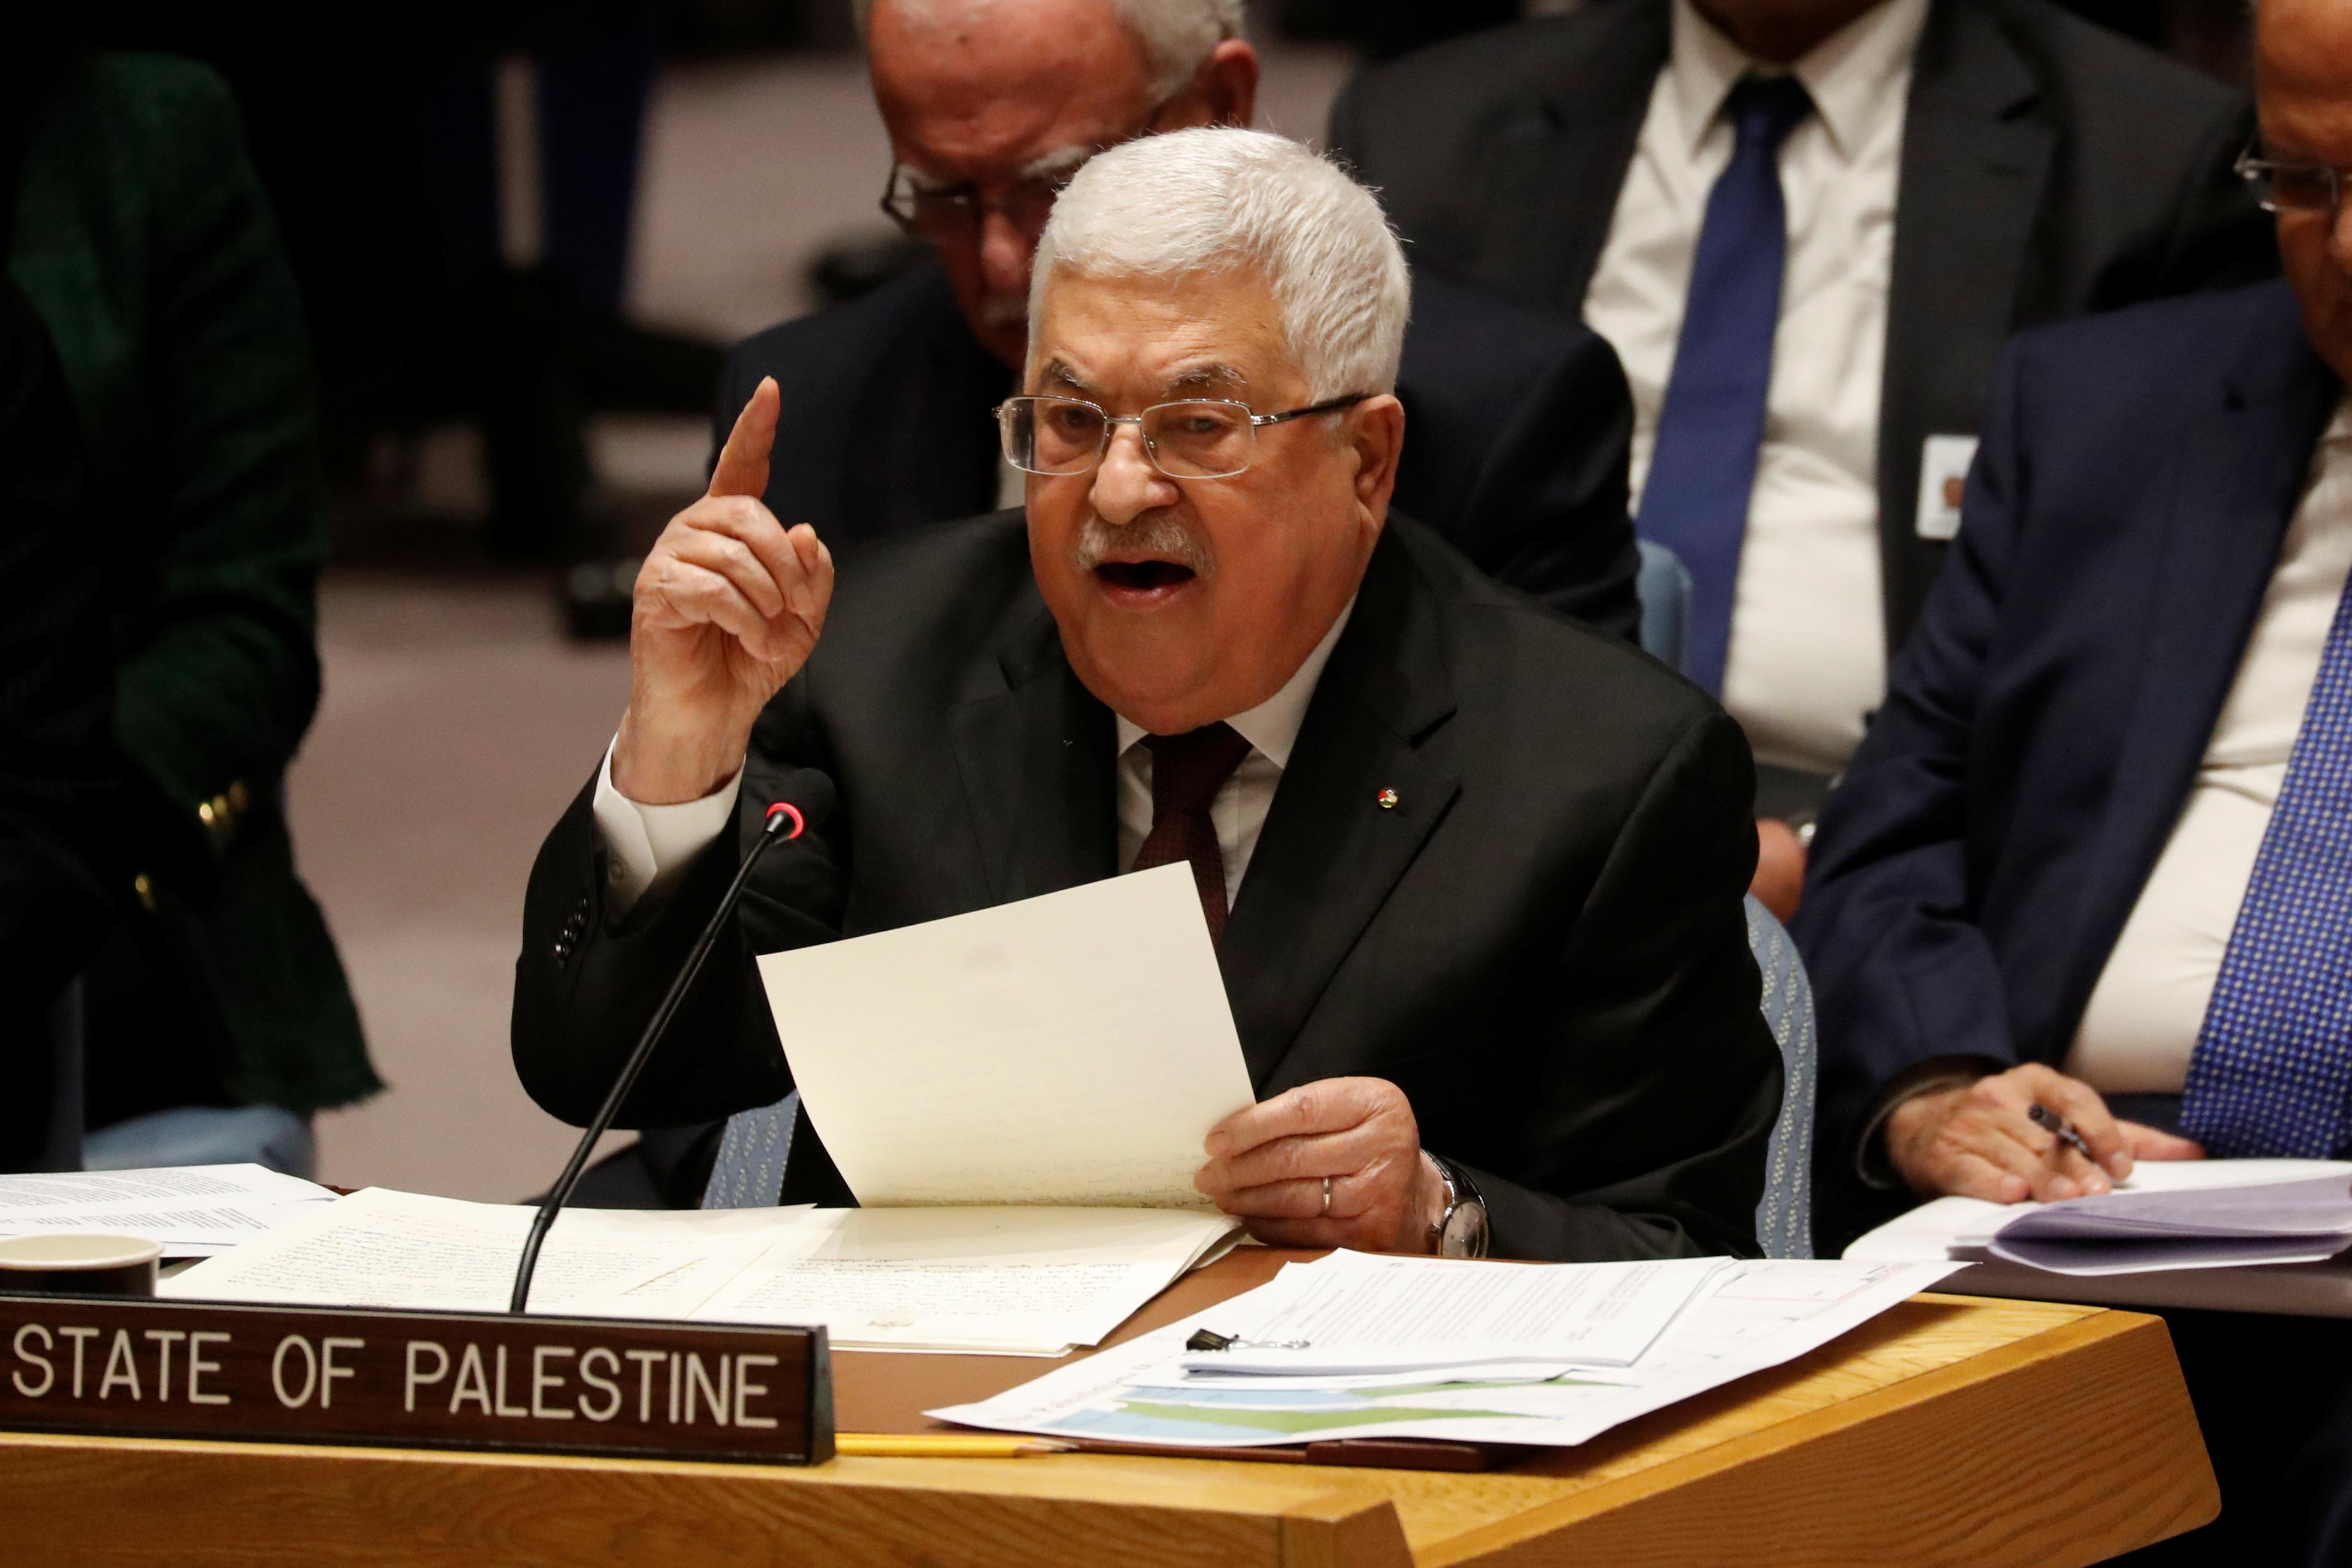 """אבו מאזן במועצת הביטחון של האו""""ם. צילום: REUTERS/Shannon Stapleton"""